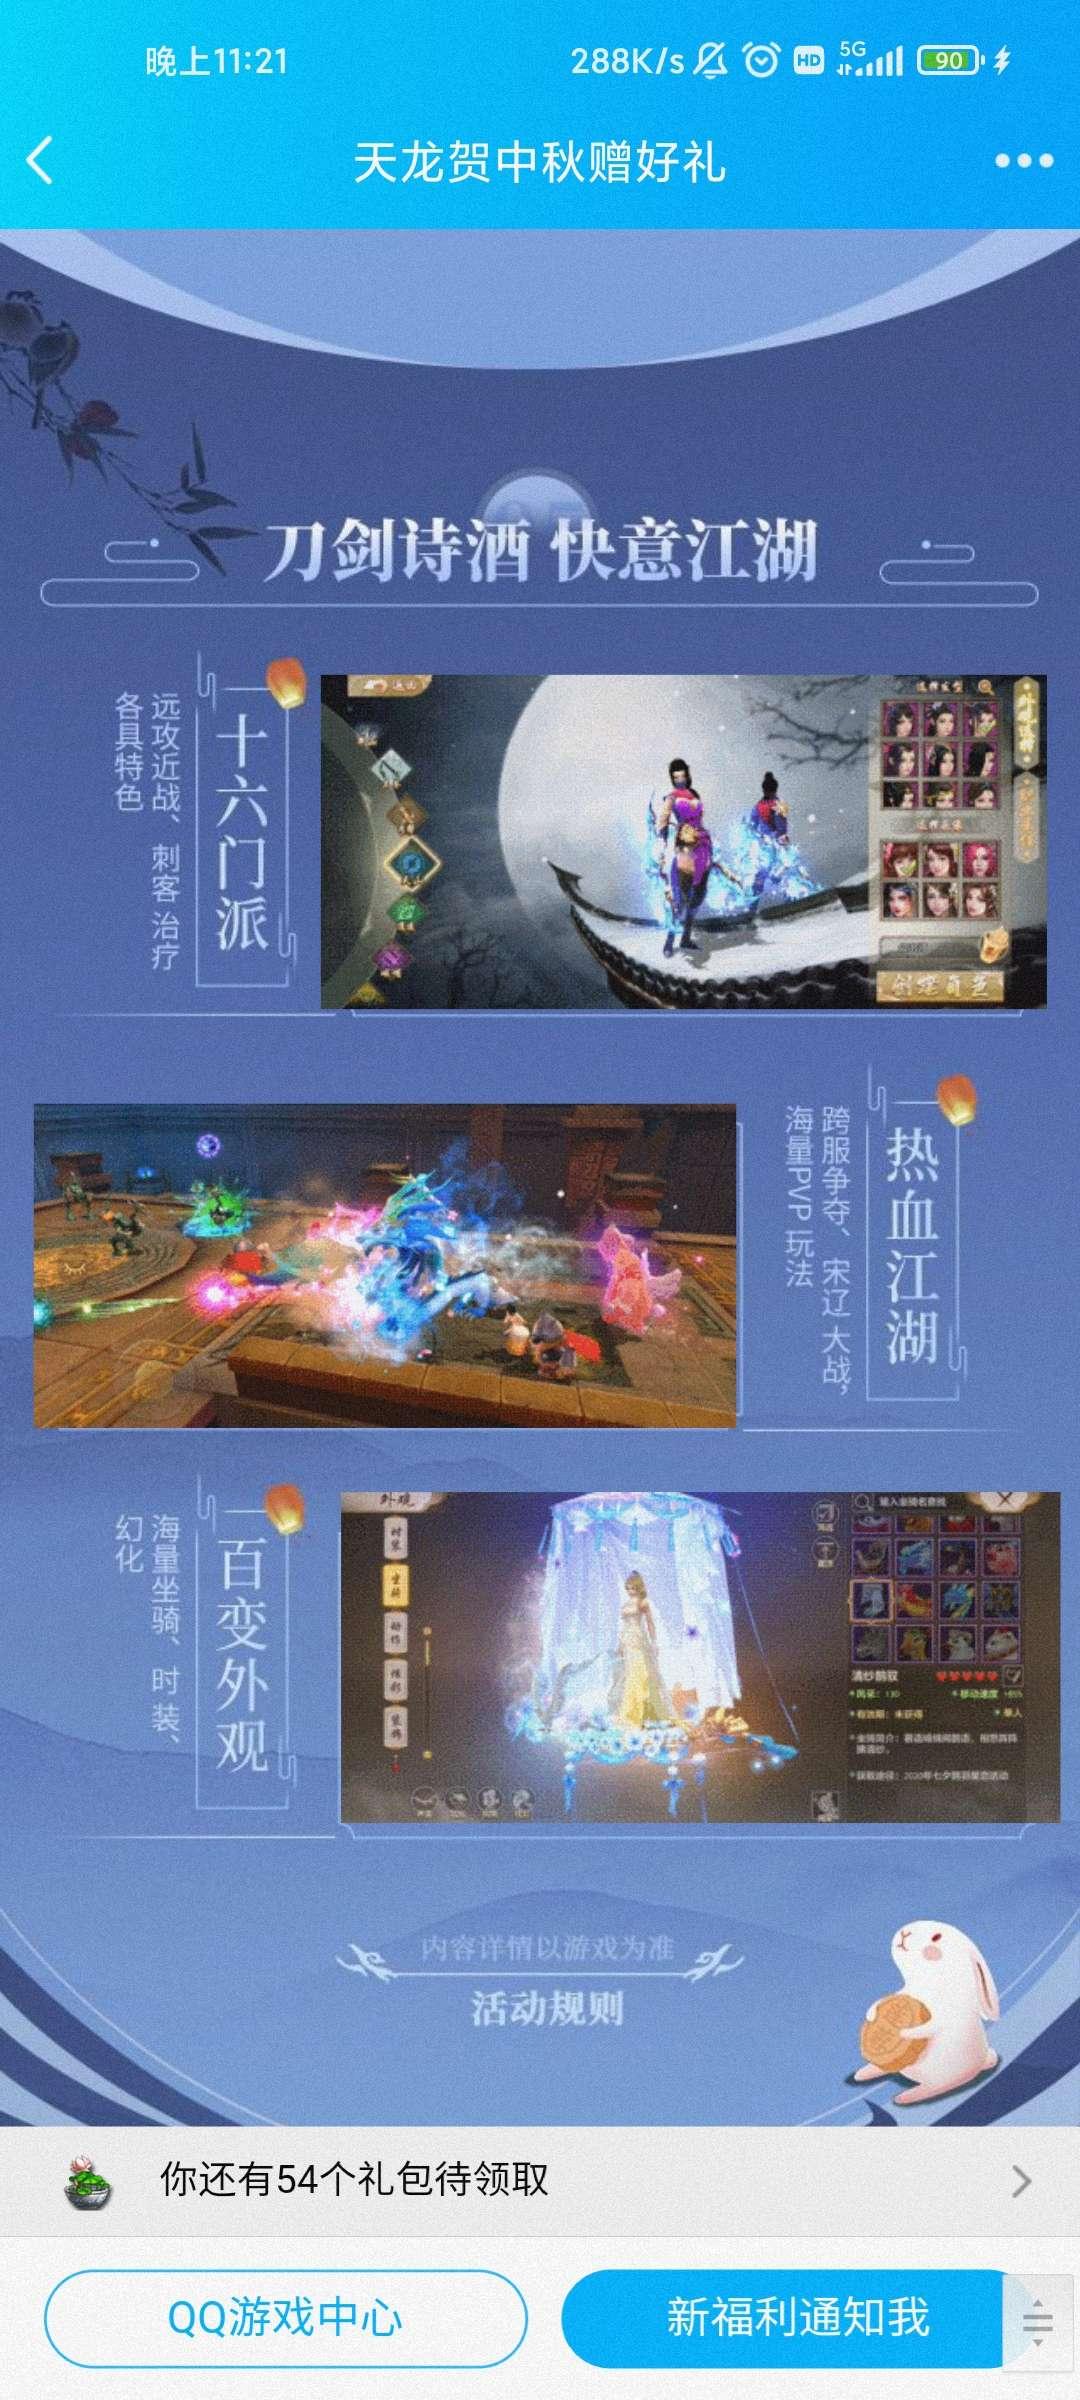 【虚拟物品】天龙八部领Q币